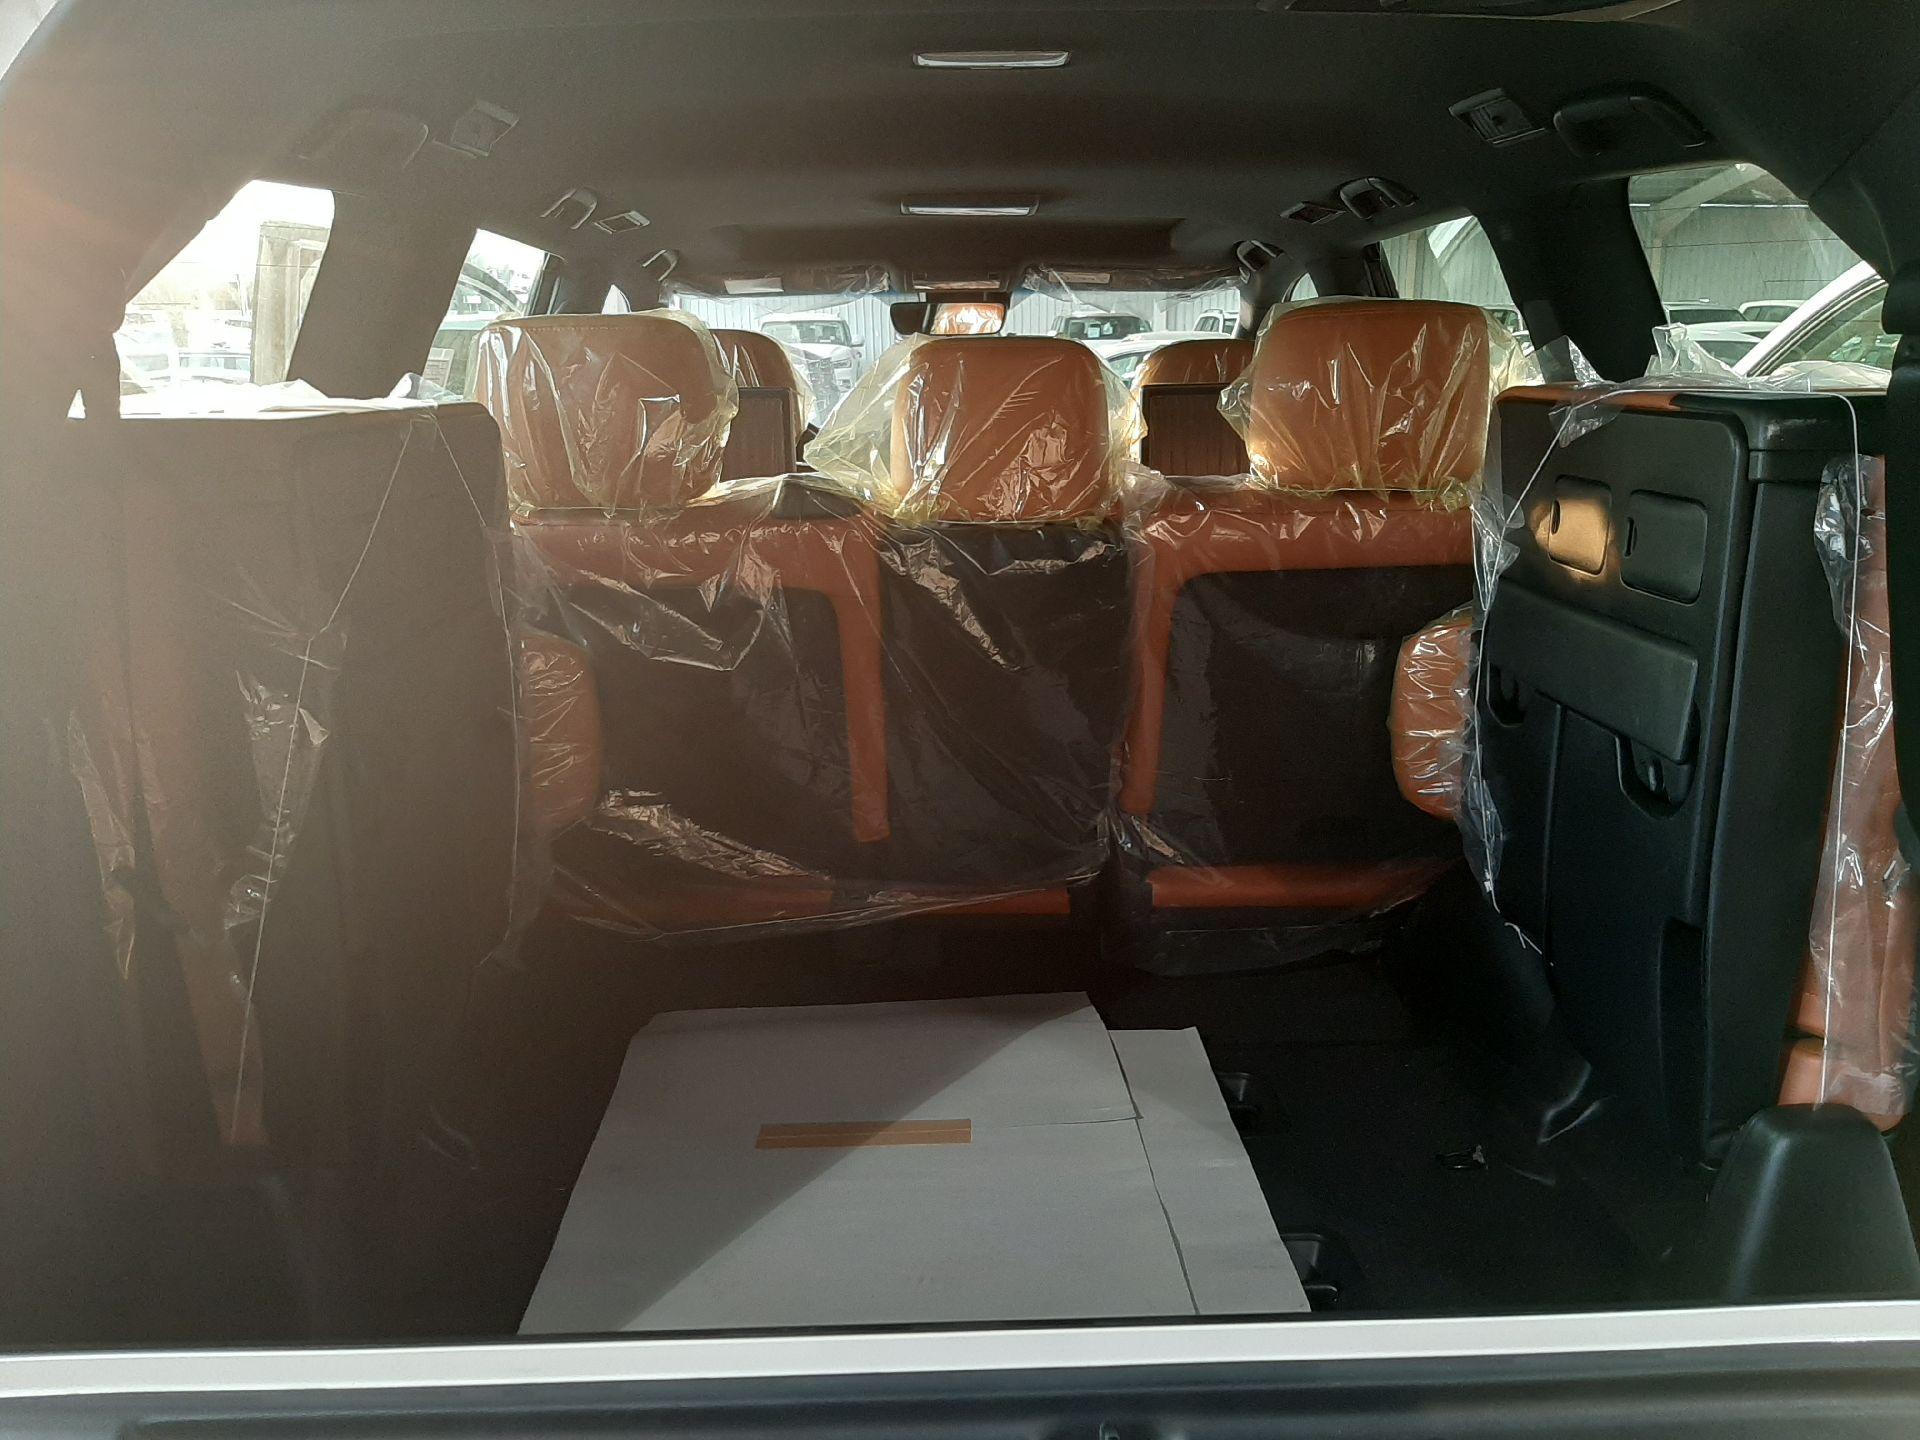 مباع - لكزس LX570  دايموند 2020 خليجي فل جديد للبيع في الرياض - السعودية - صورة كبيرة - 8